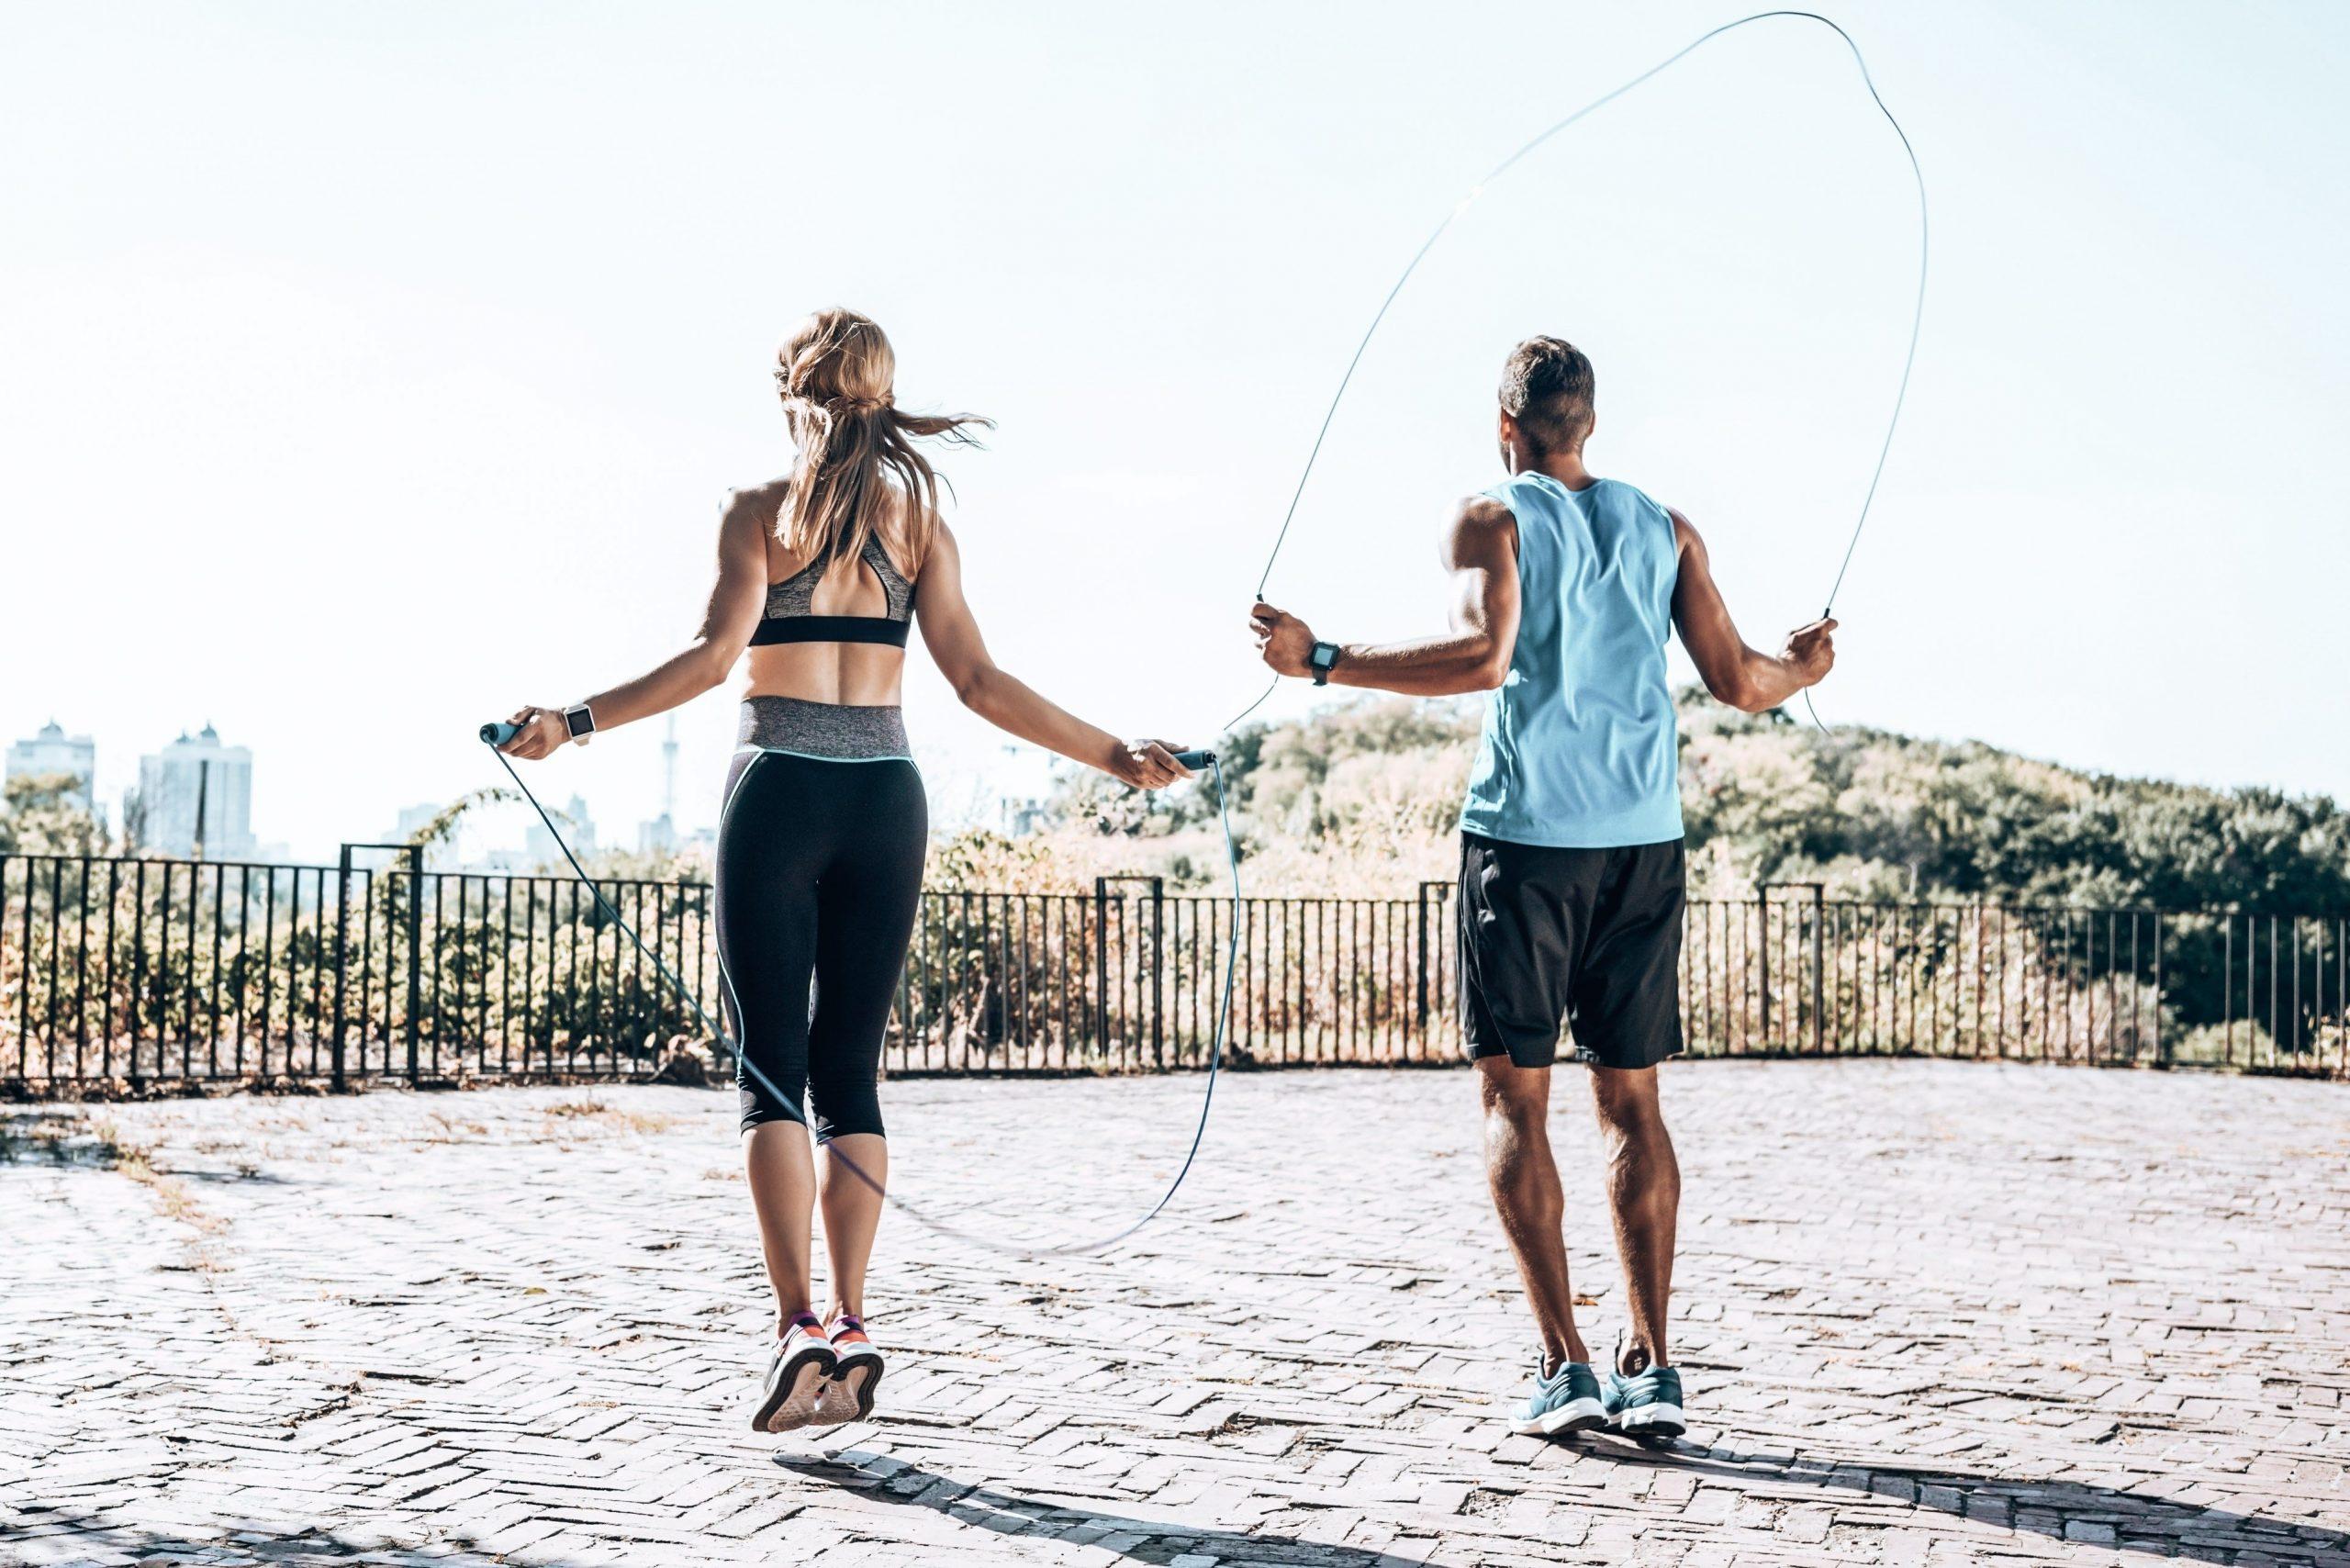 Lợi ích từ việc nhảy dây mỗi ngày, đặc biệt điều số 5 có thể khiến bạn bất ngờ